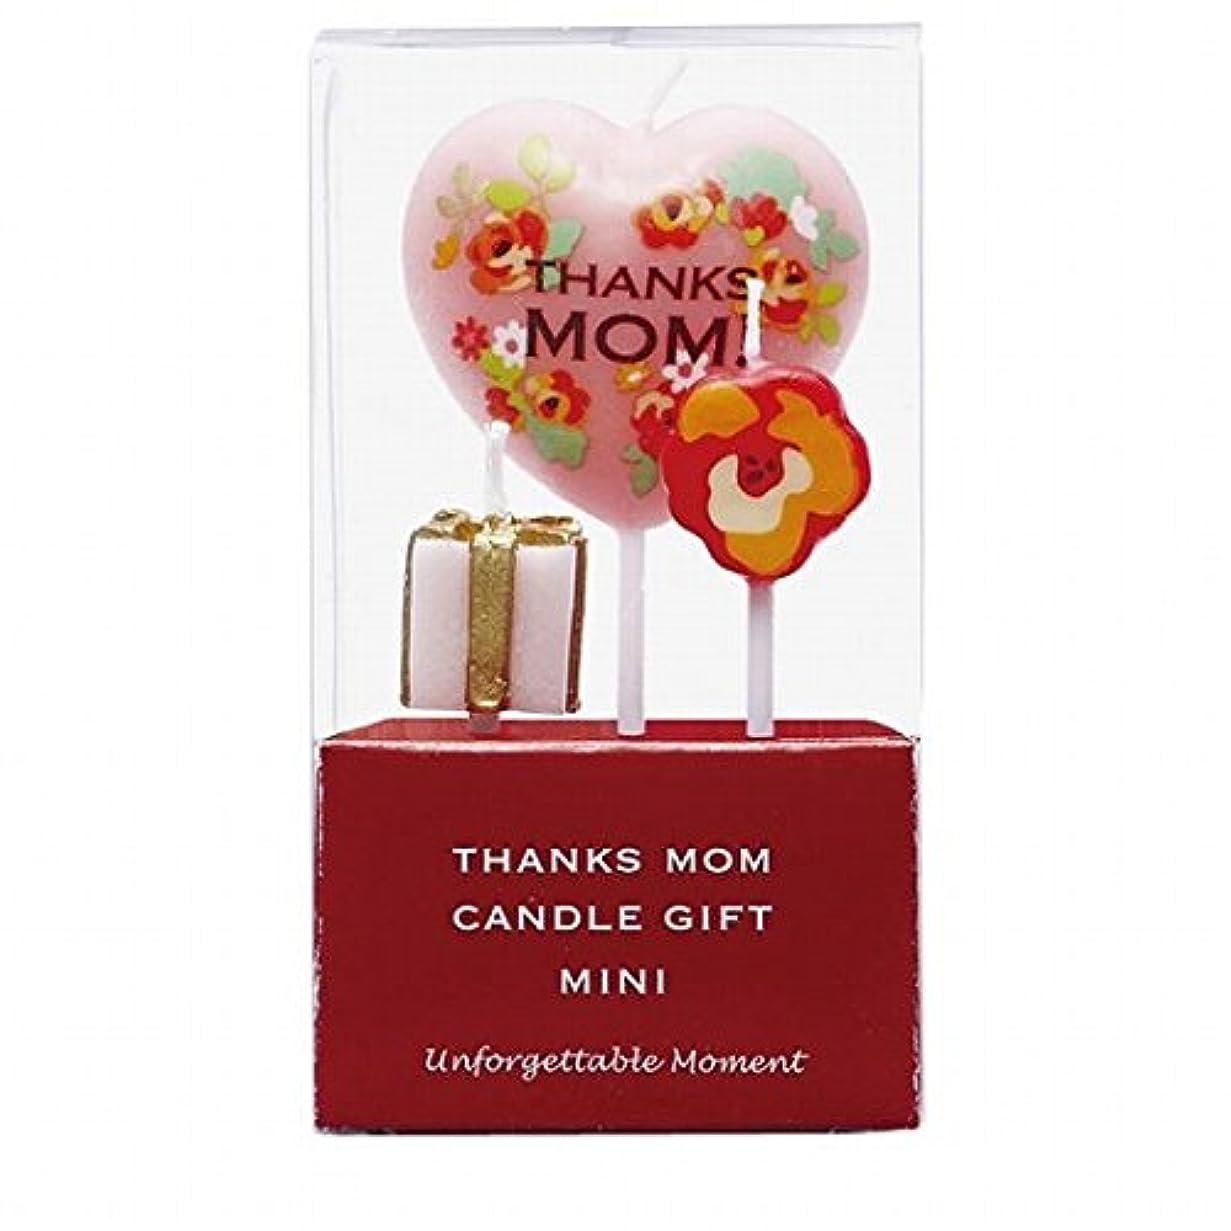 持つも広告カメヤマキャンドル(kameyama candle) おかあさんありがとうキャンドルギフトミニ